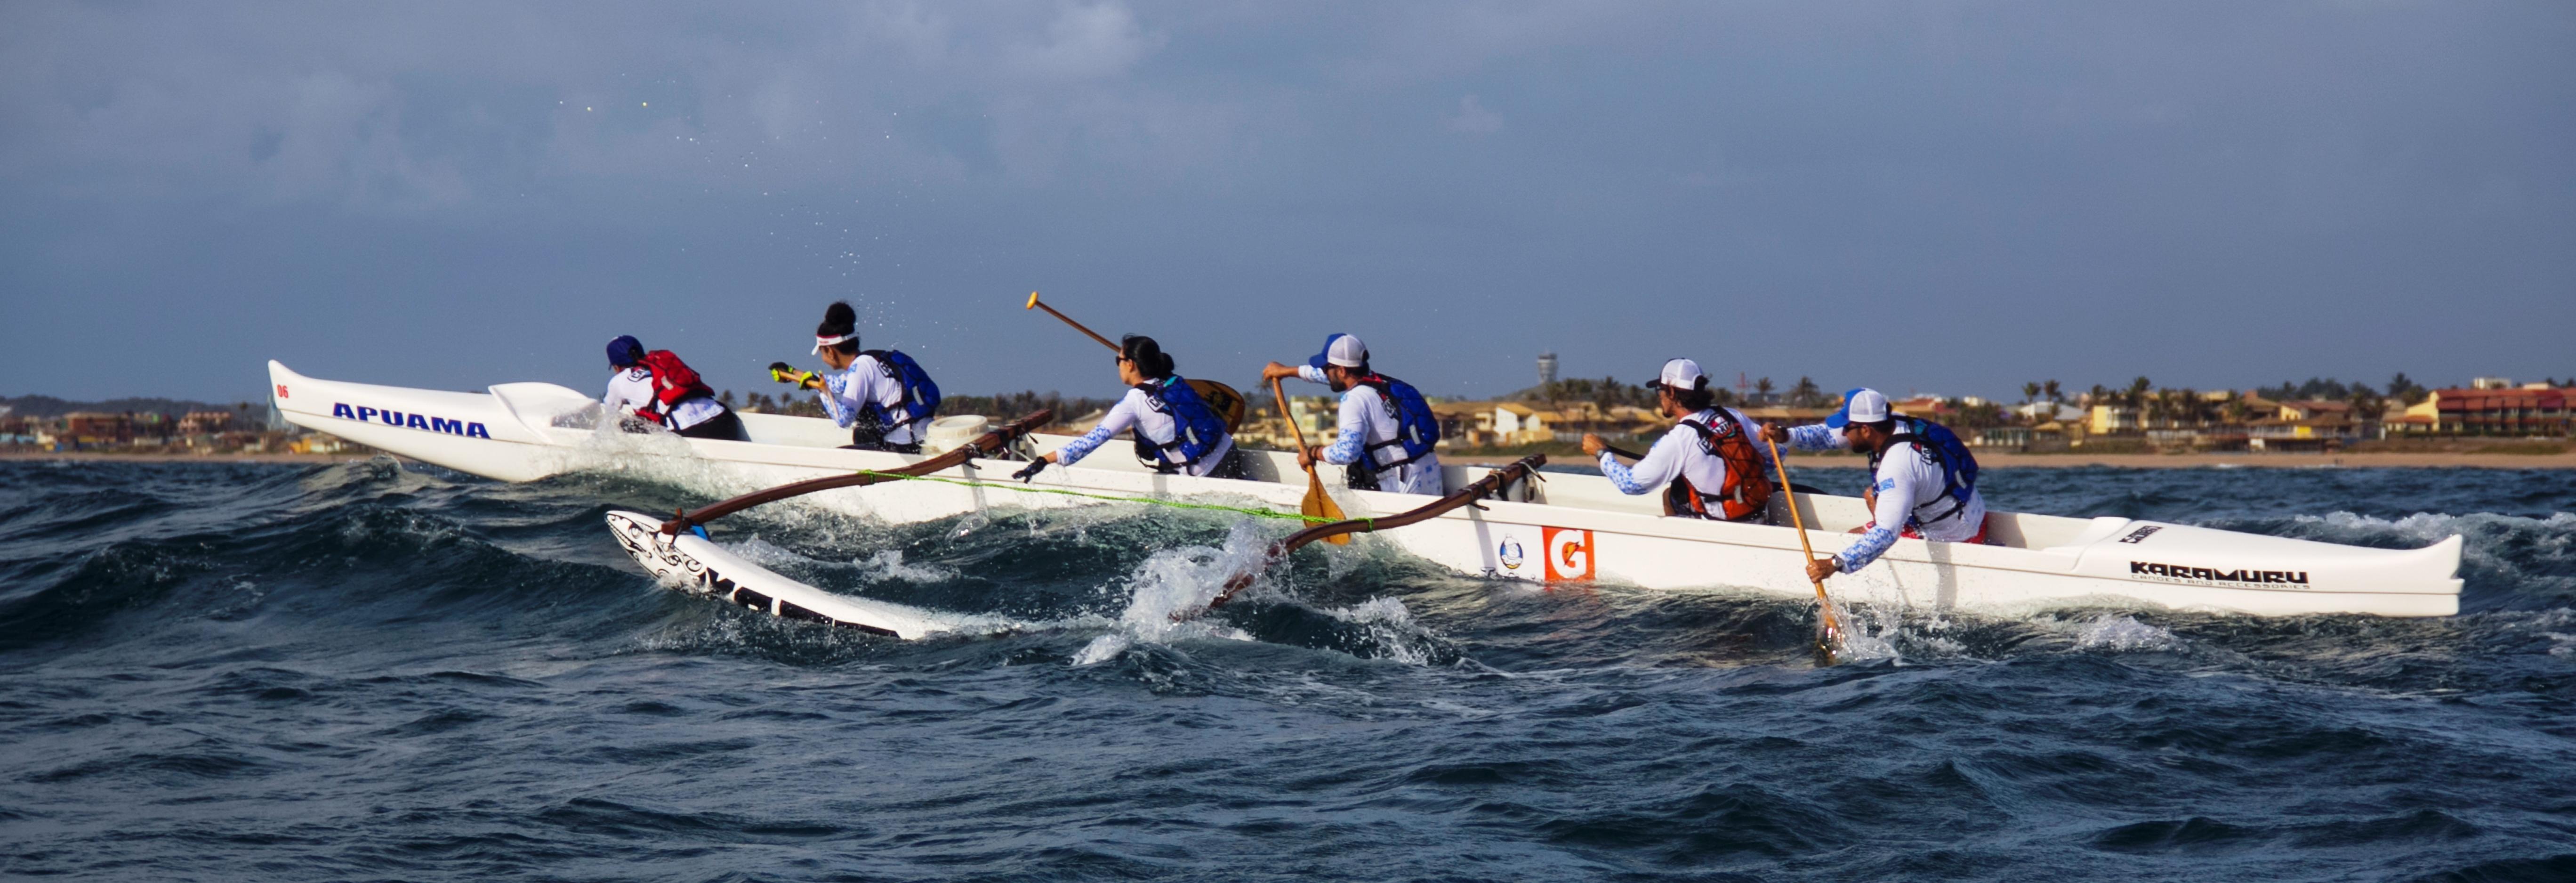 Foto capa  Canoa Bahia Challenge Hoe